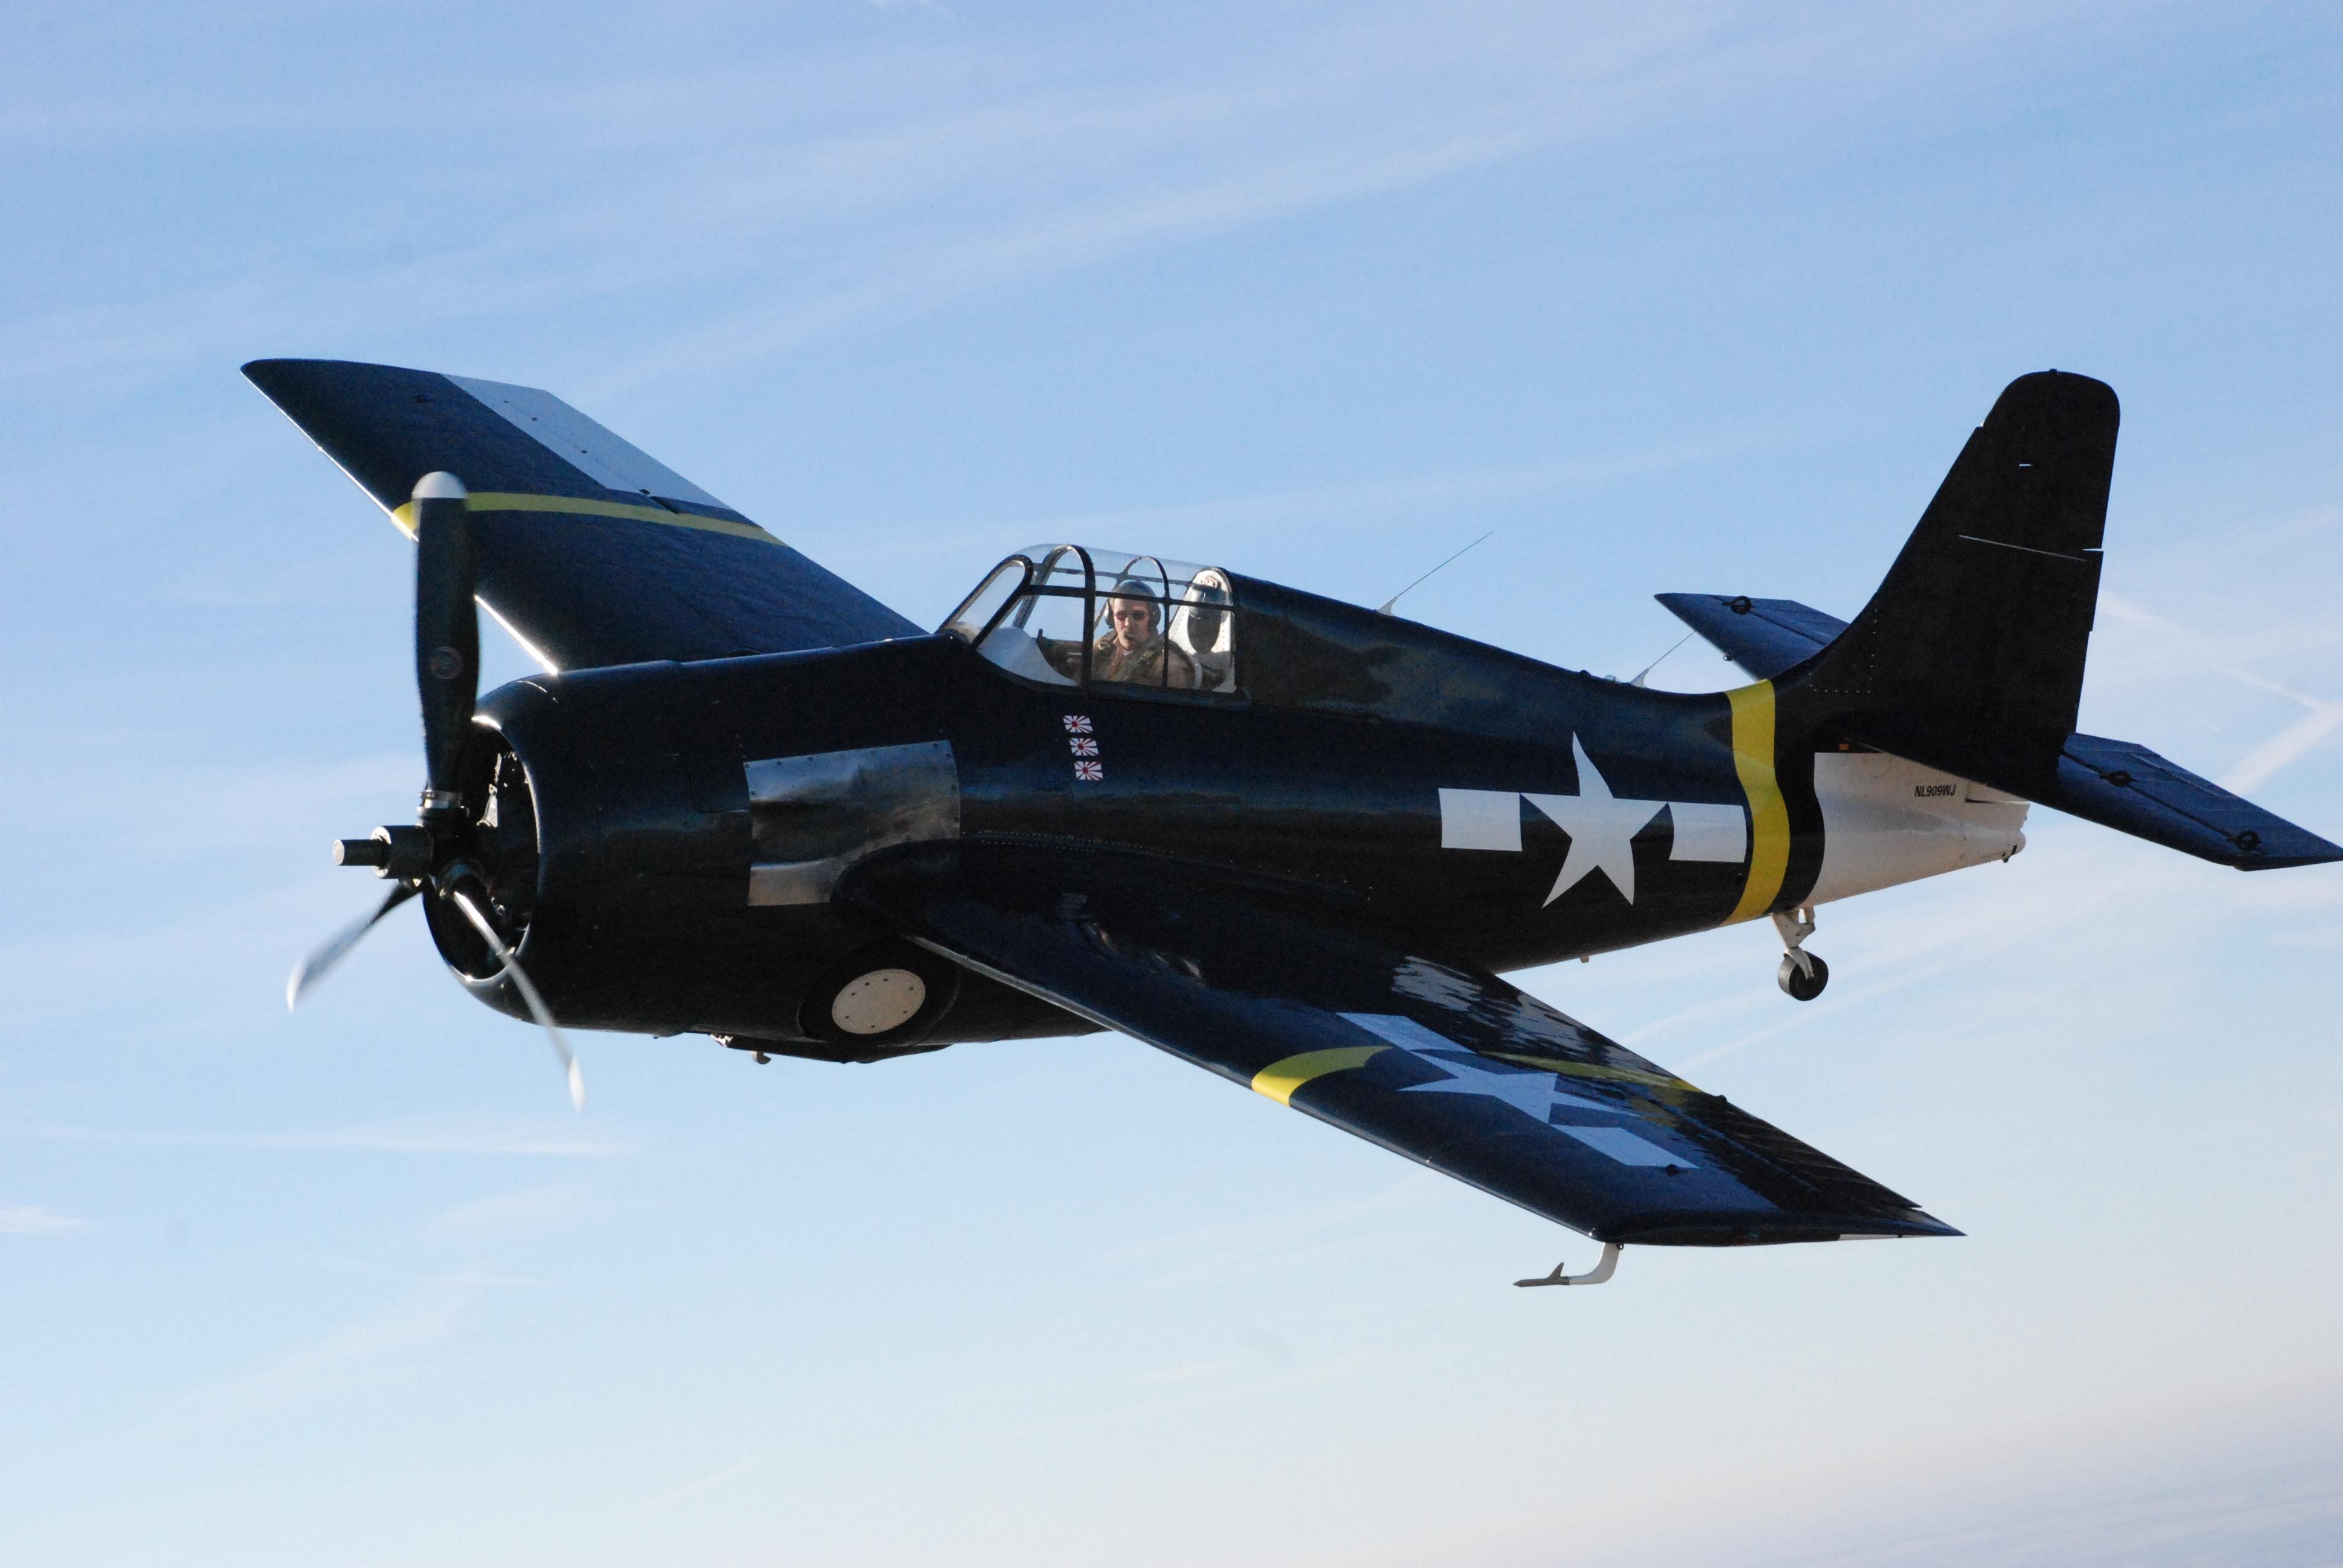 Fm 2 Wildcat Eaa Warbirds Qr Code Website